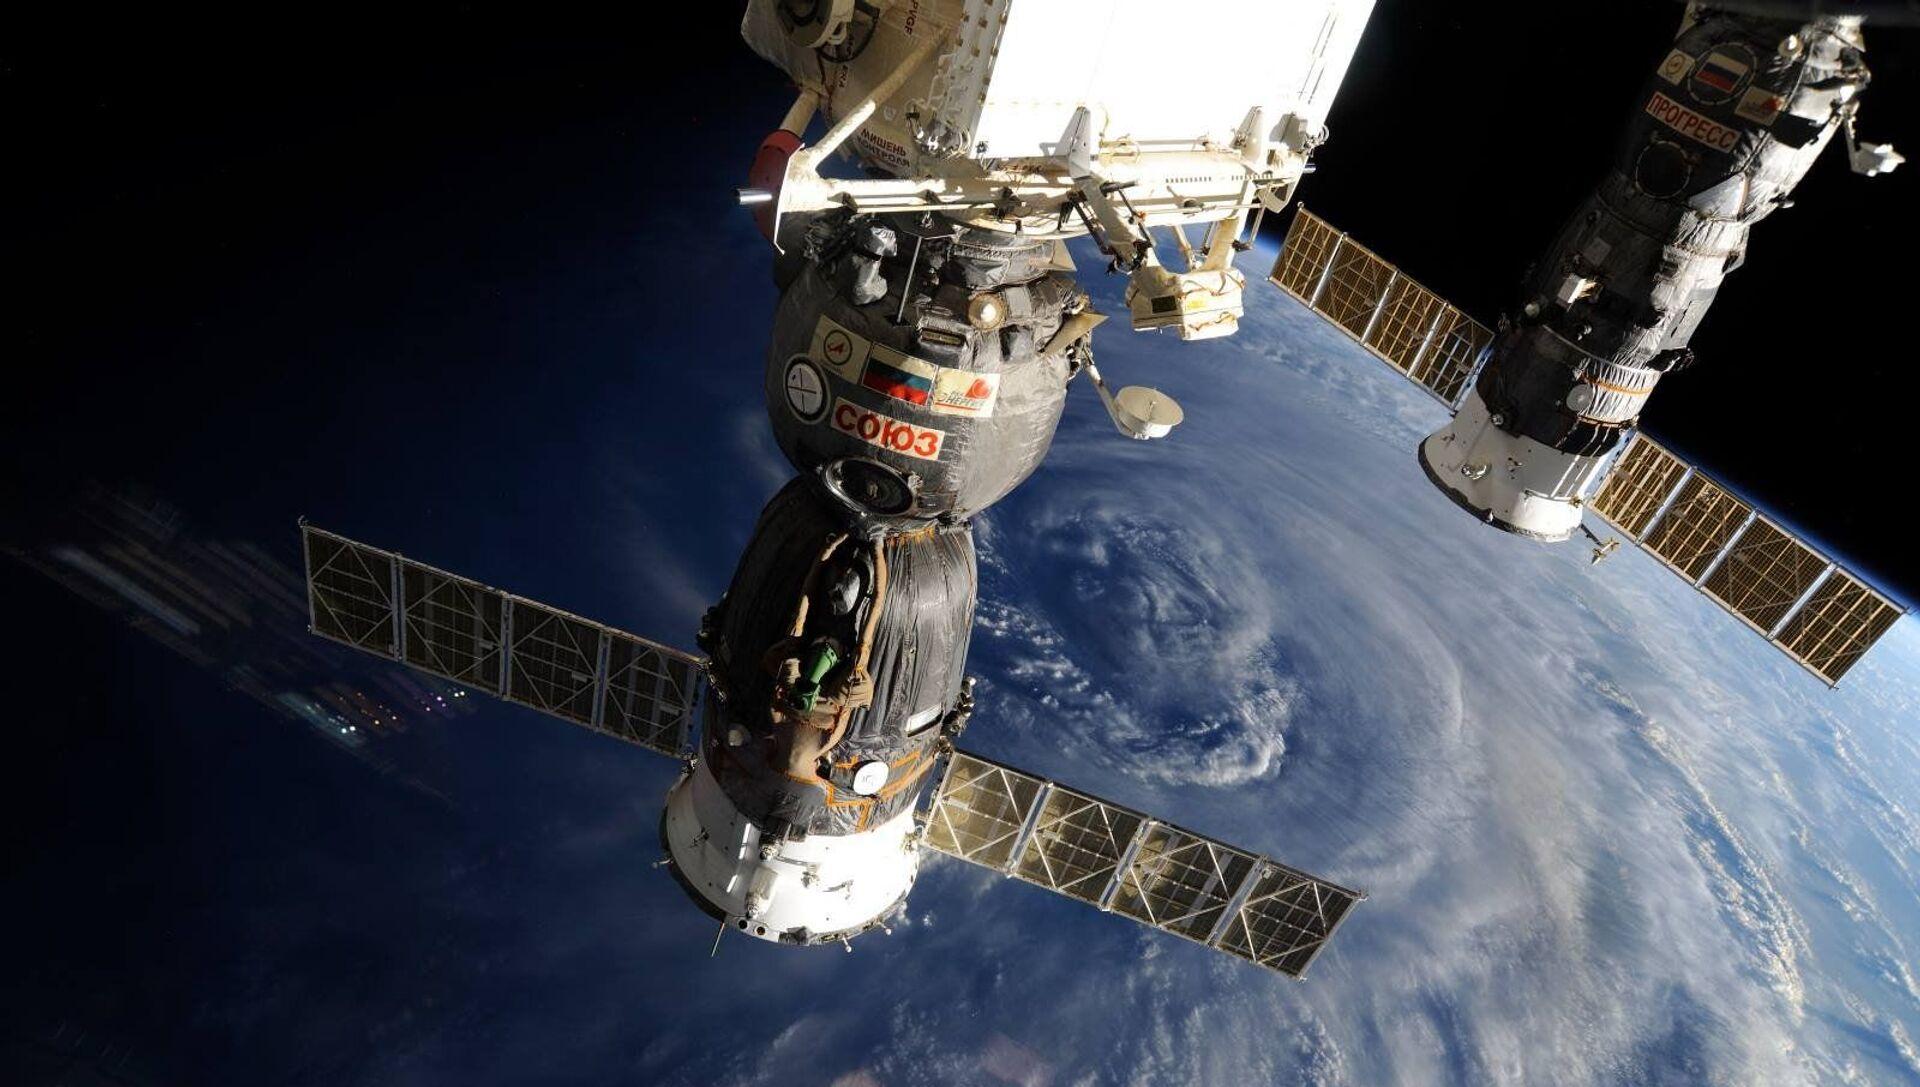 Các tàu vũ trụ Soyuz và Progress của Nga trên nền Trái đất. - Sputnik Việt Nam, 1920, 26.04.2021